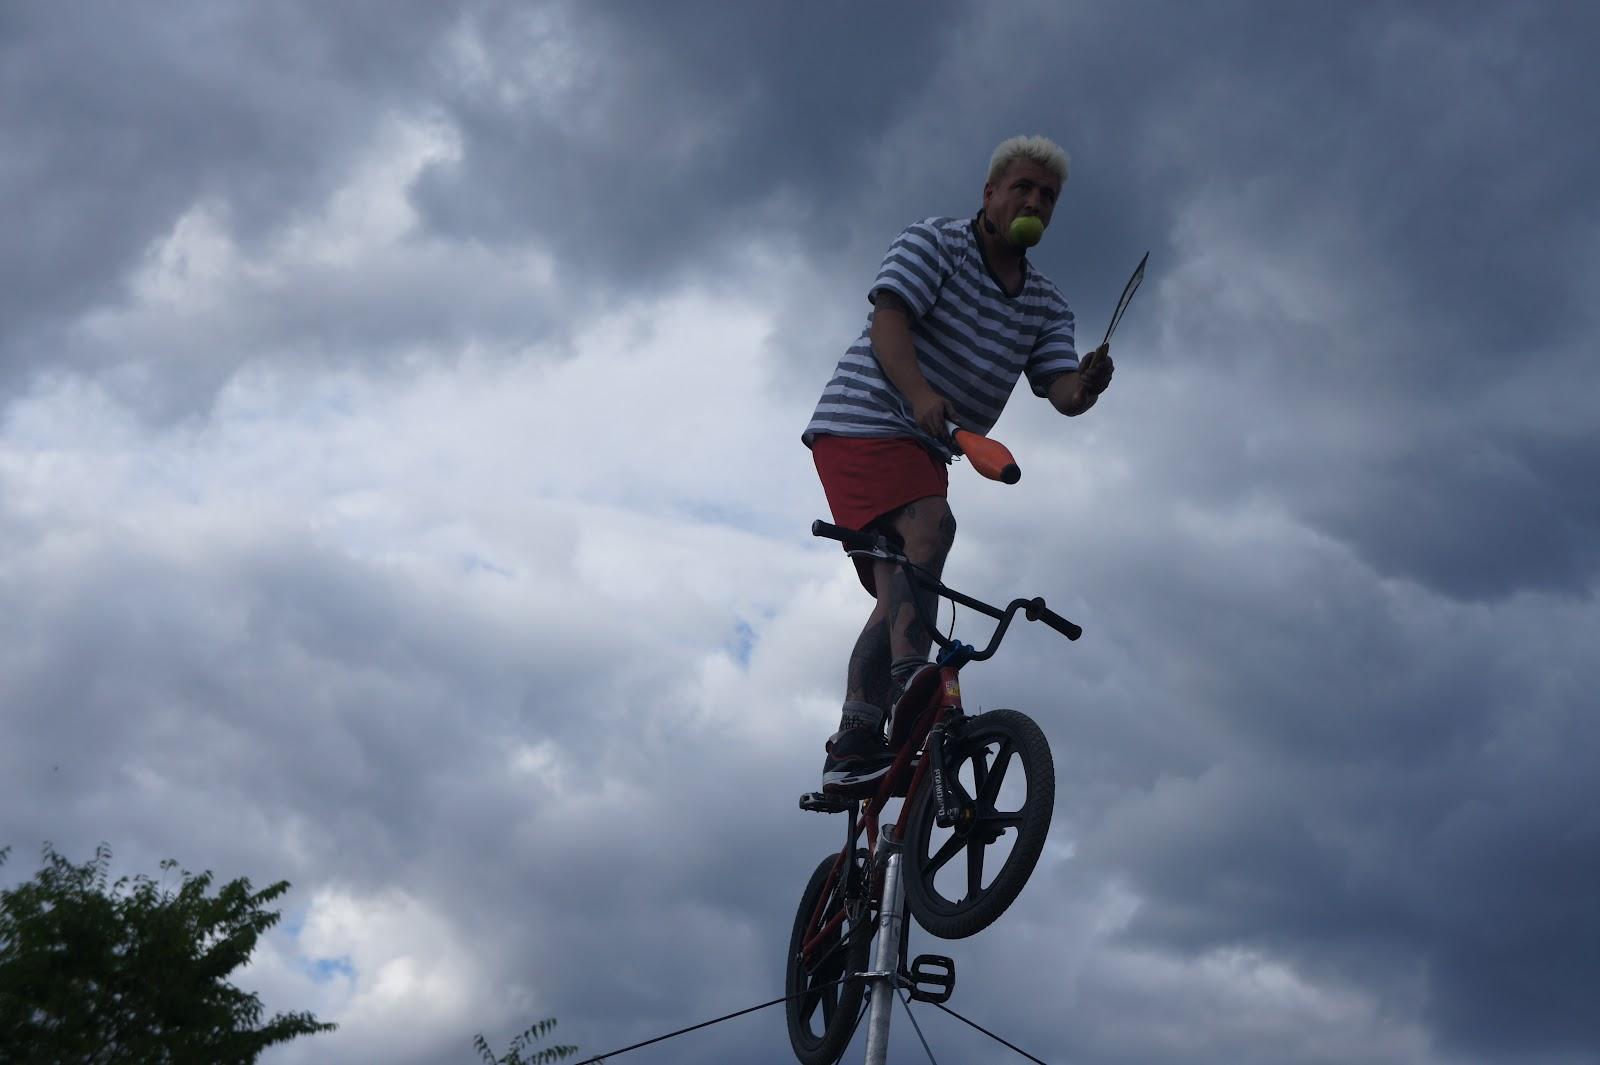 interPLAY 2012: Bike Boy